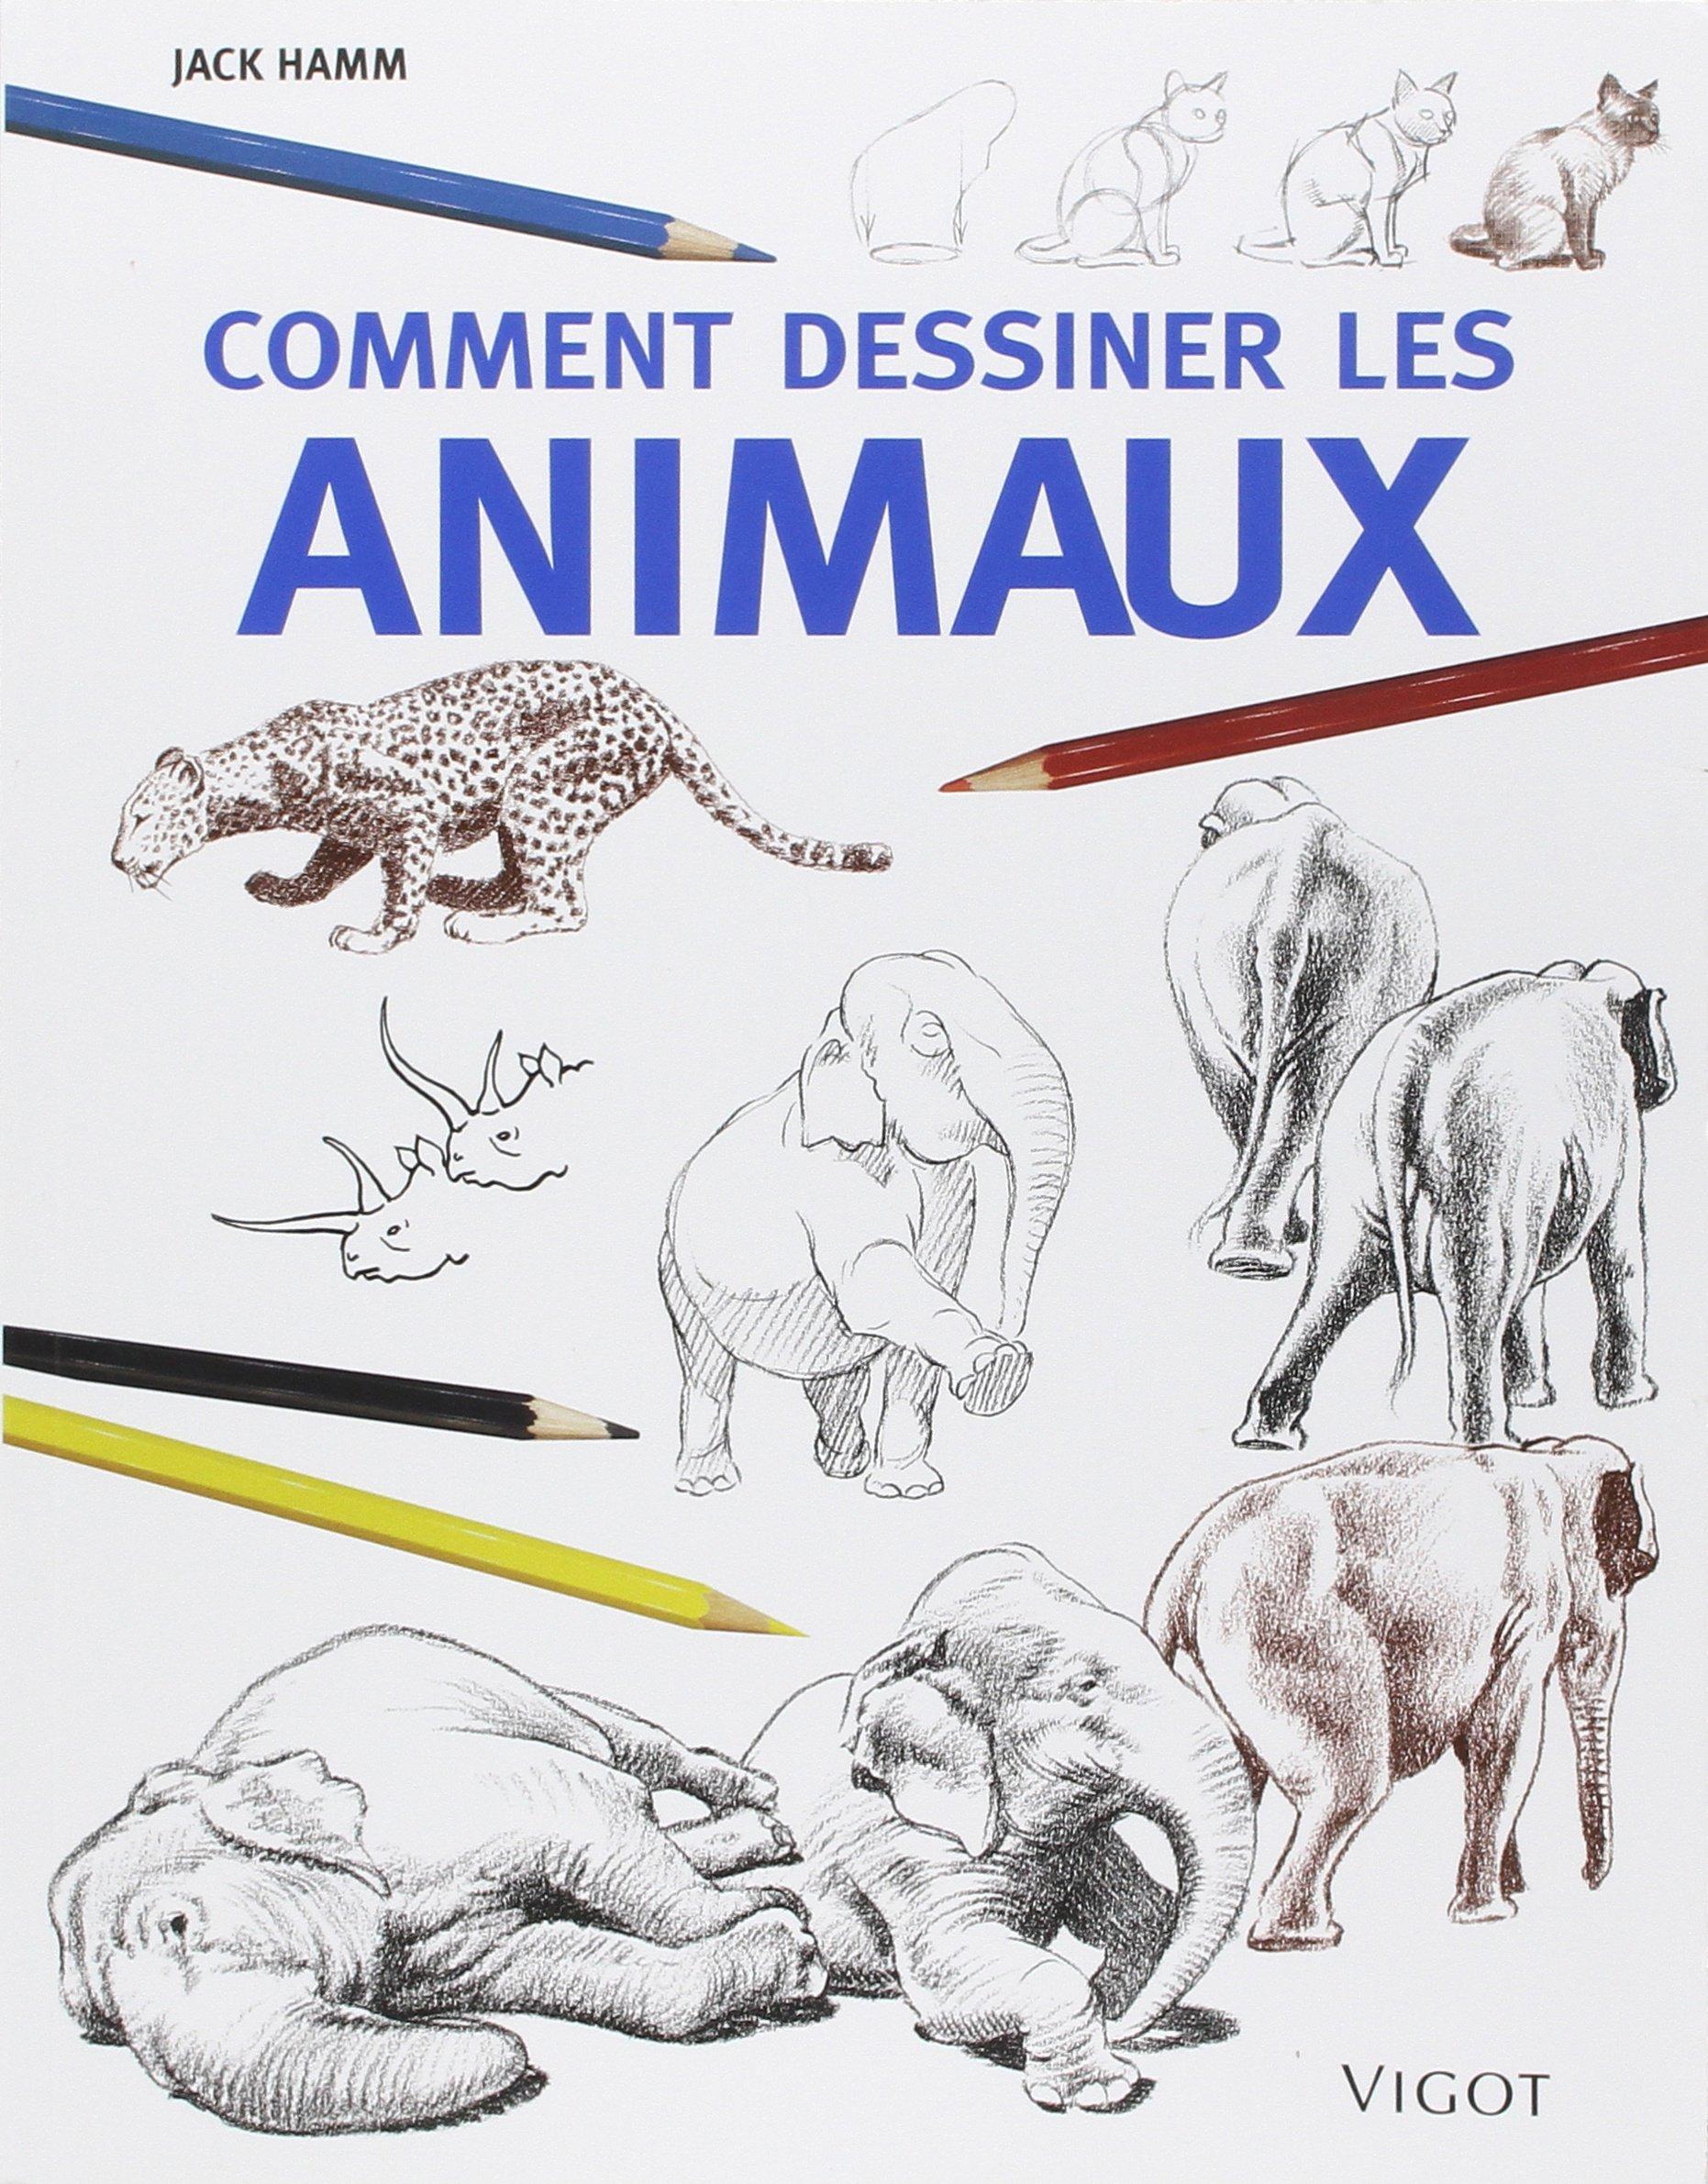 Extrêmement Amazon.fr - Comment dessiner les animaux - Jack Hamm - Livres SJ24